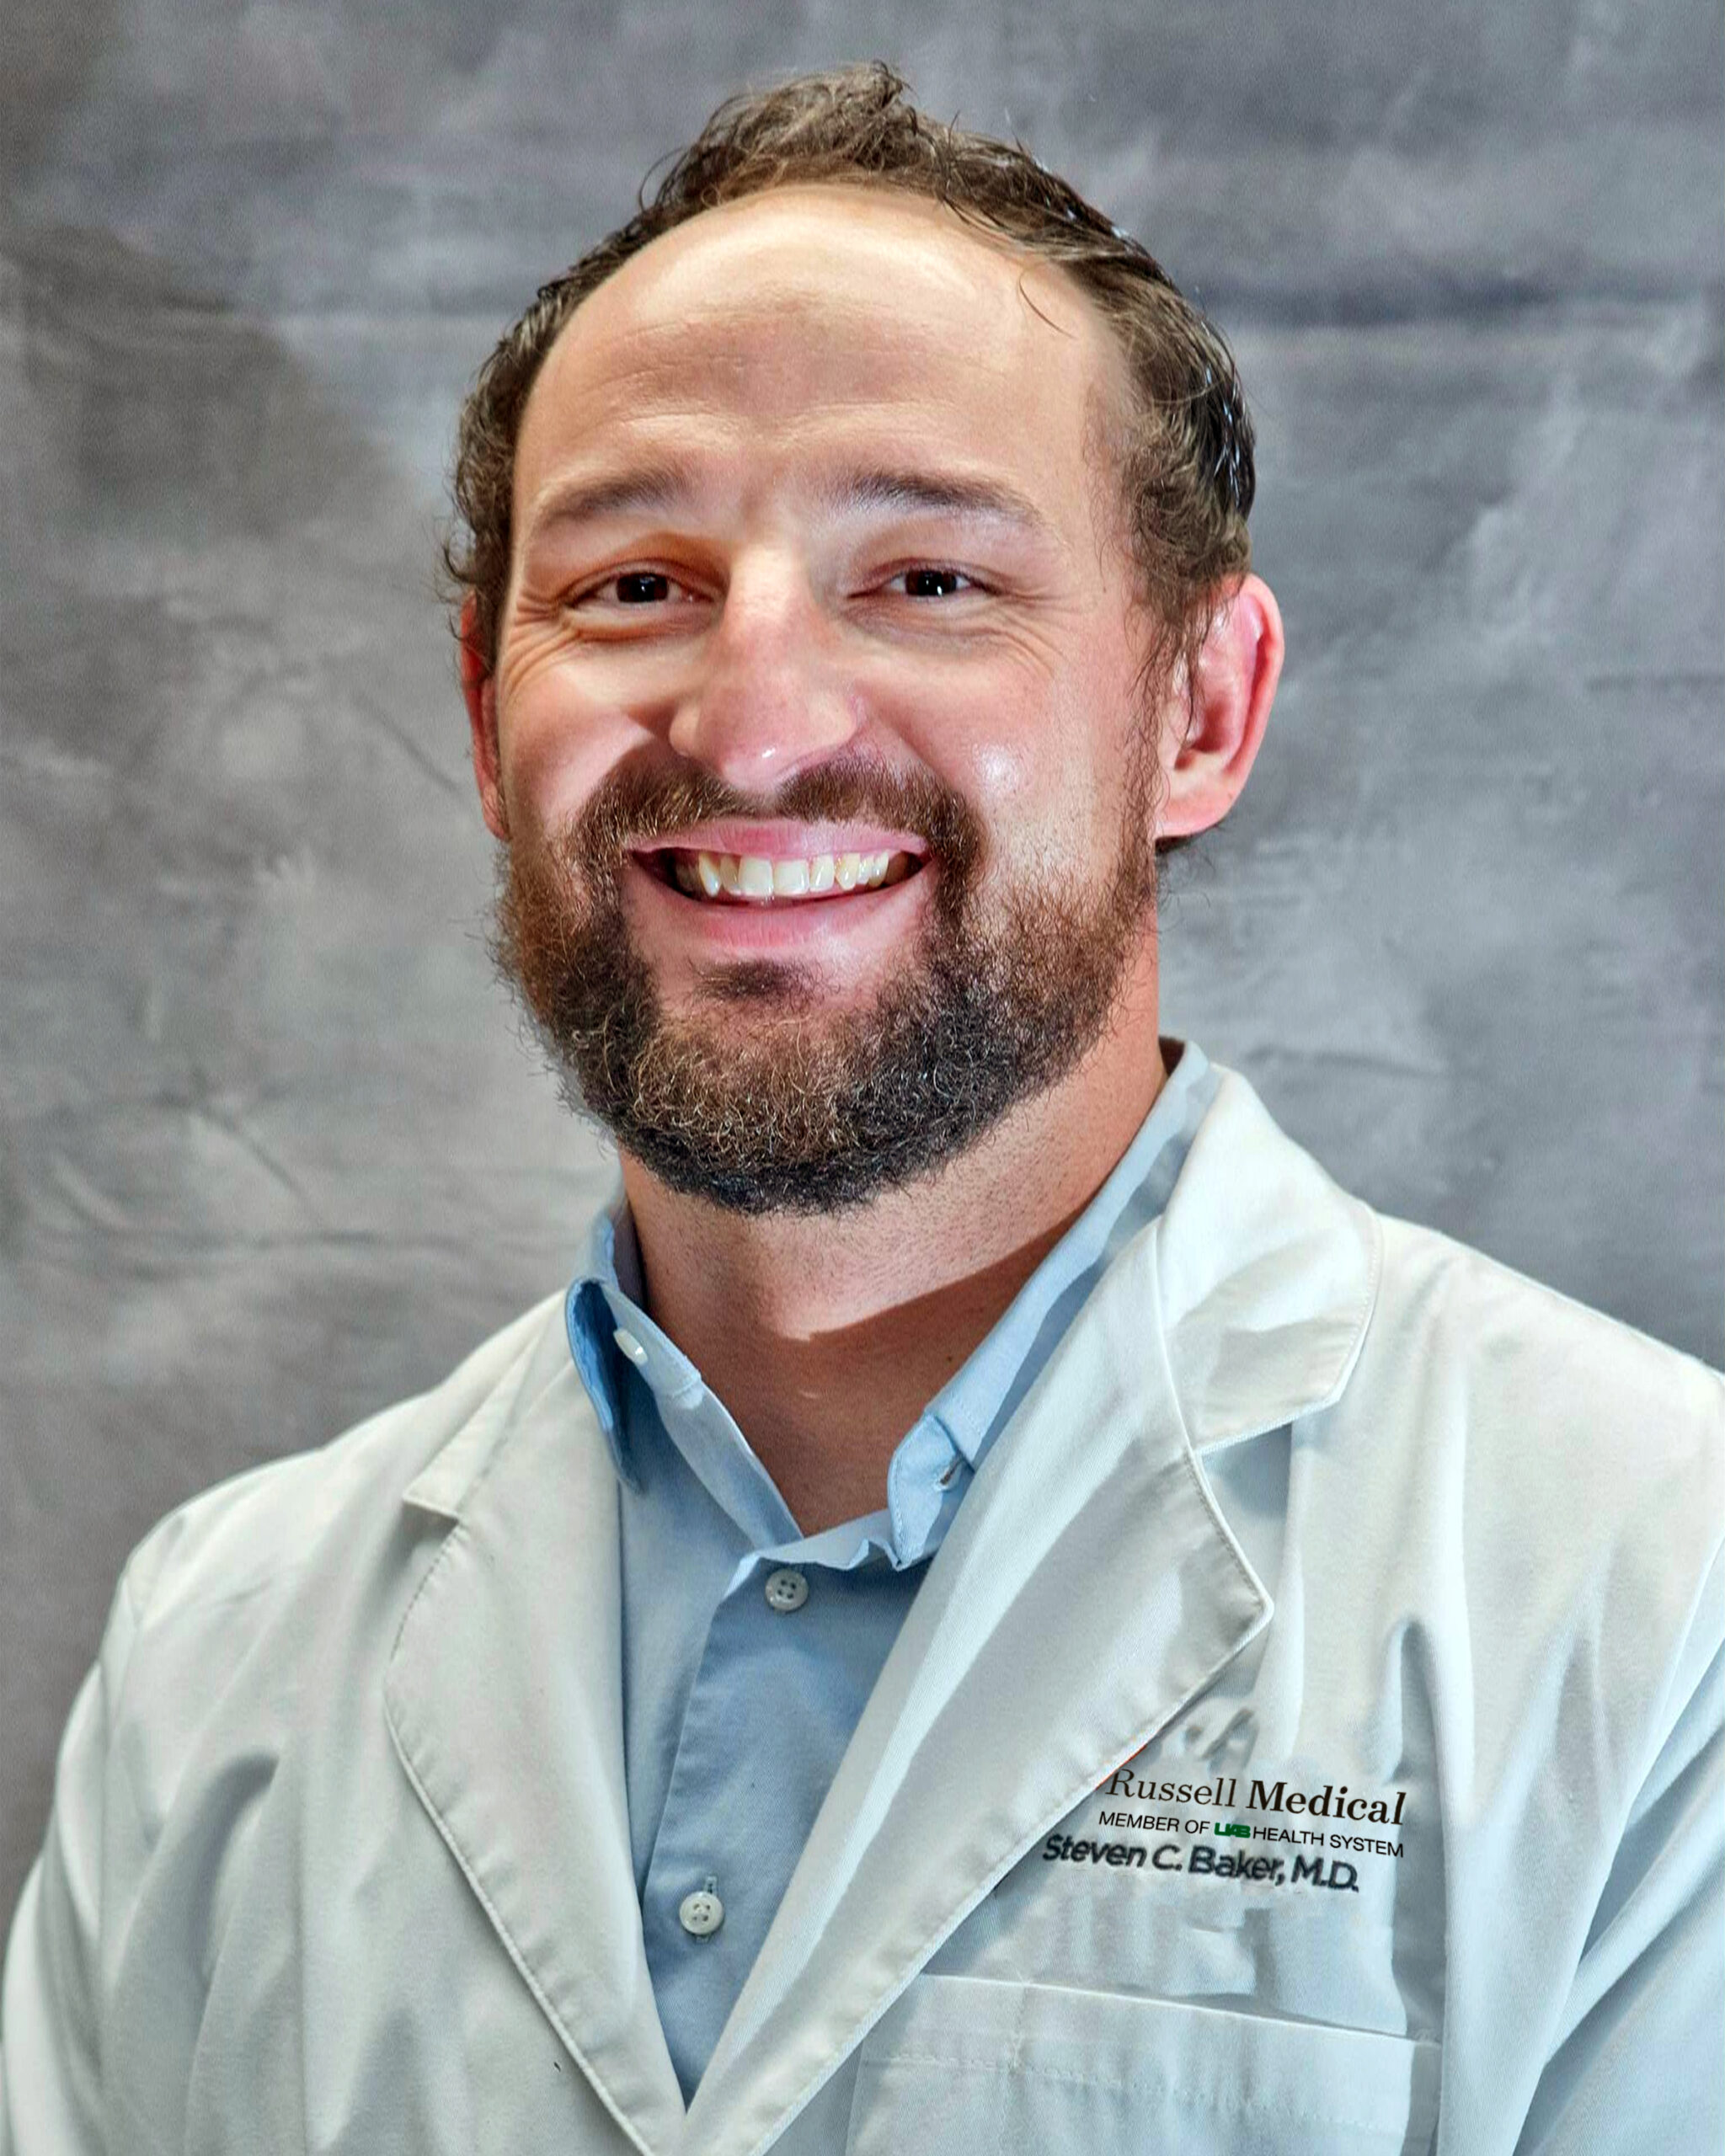 Steven C. Baker, MD